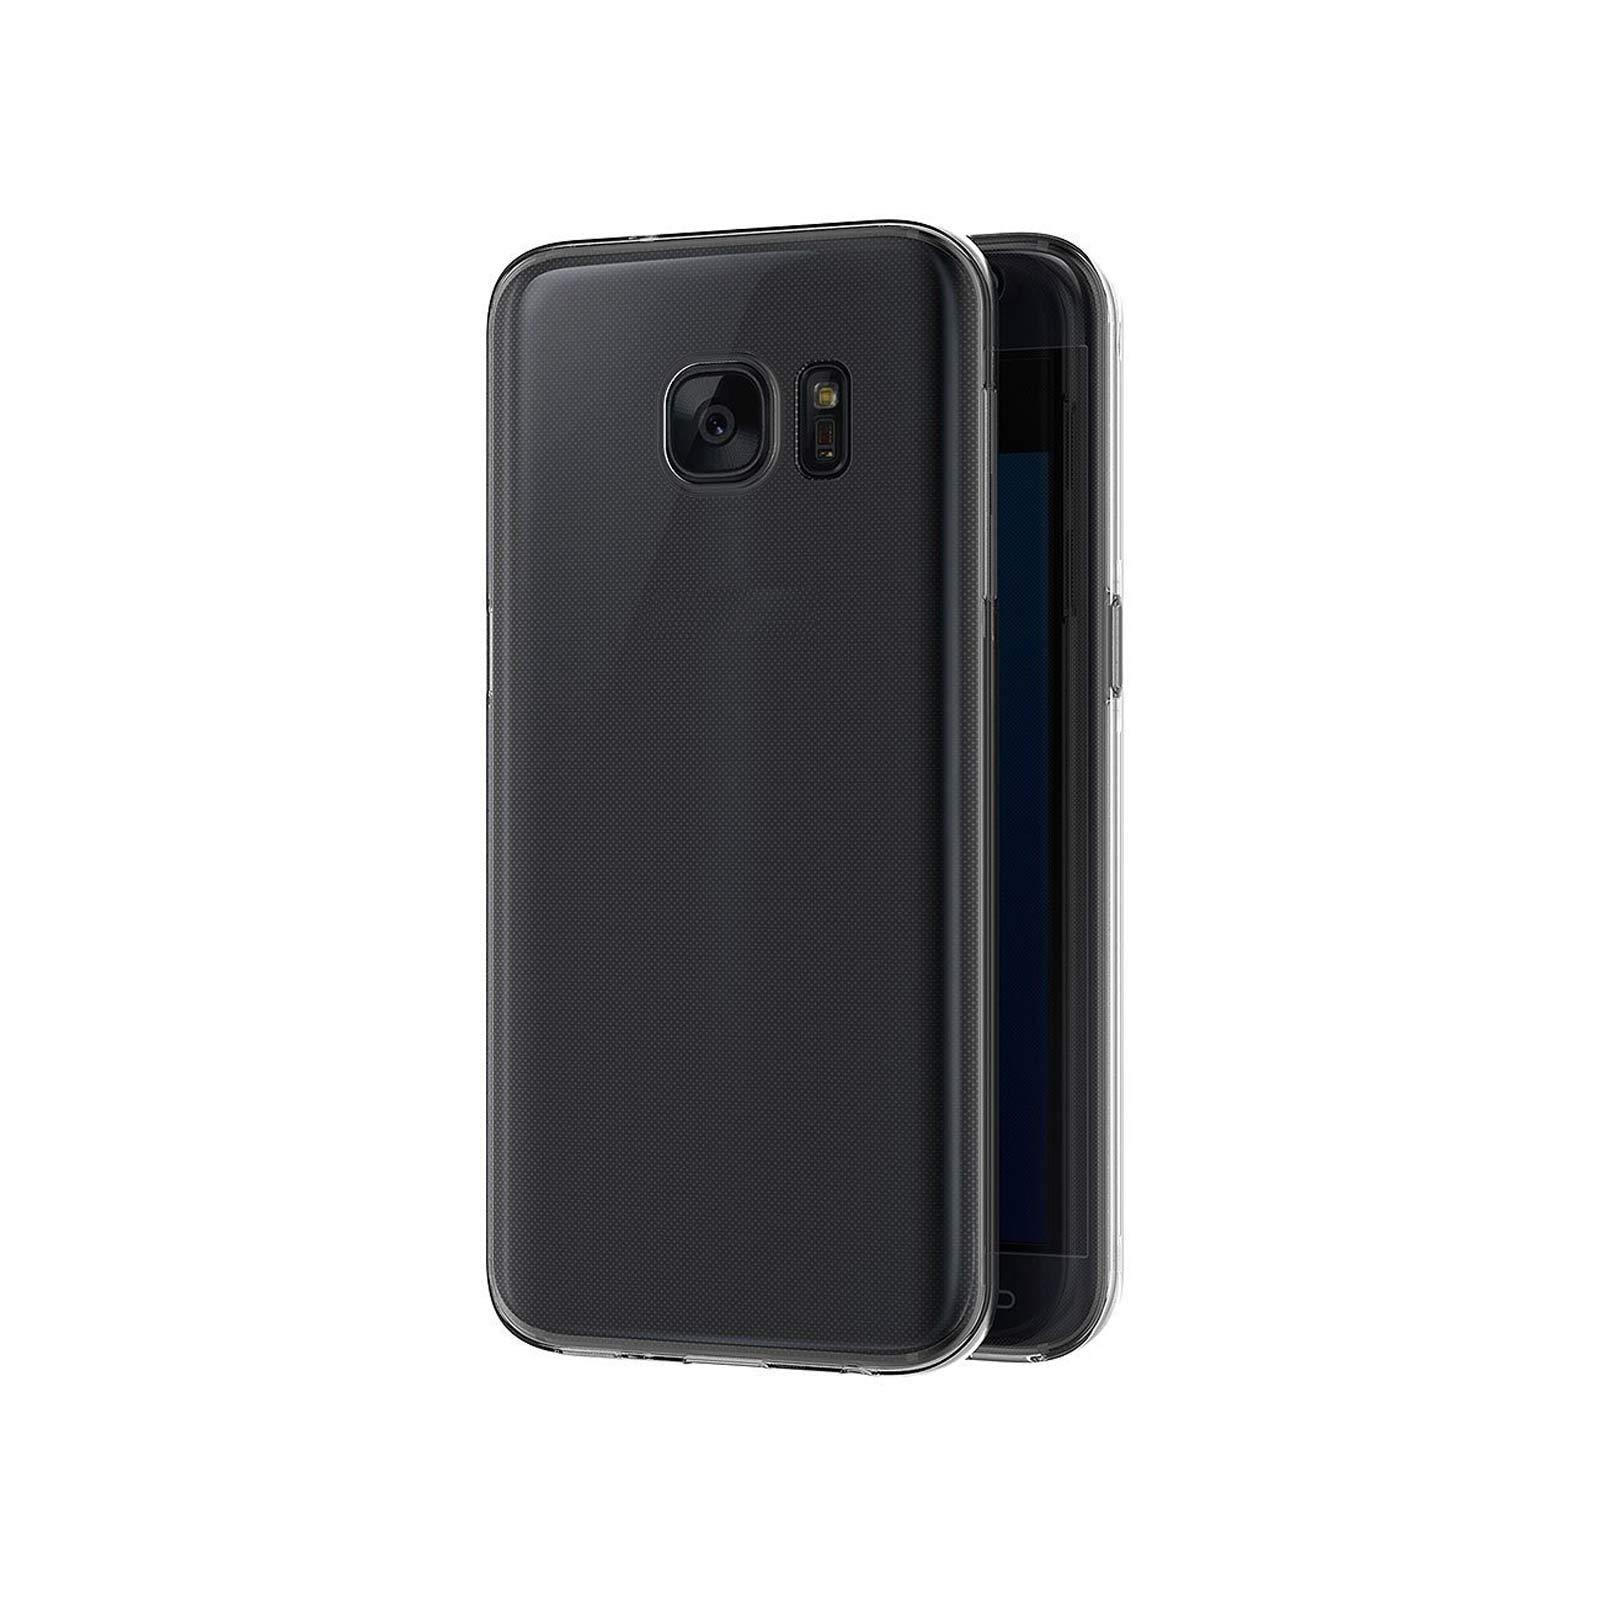 Coque Samsung Galaxy S7 ,Ordica France®, Housse Galaxy S7 Protection Souple TPU Full Cover 360 Housse Integrale Avant Et Arrière Etui Accessoires Ultra Fin Et Discret - Coloris Transparent